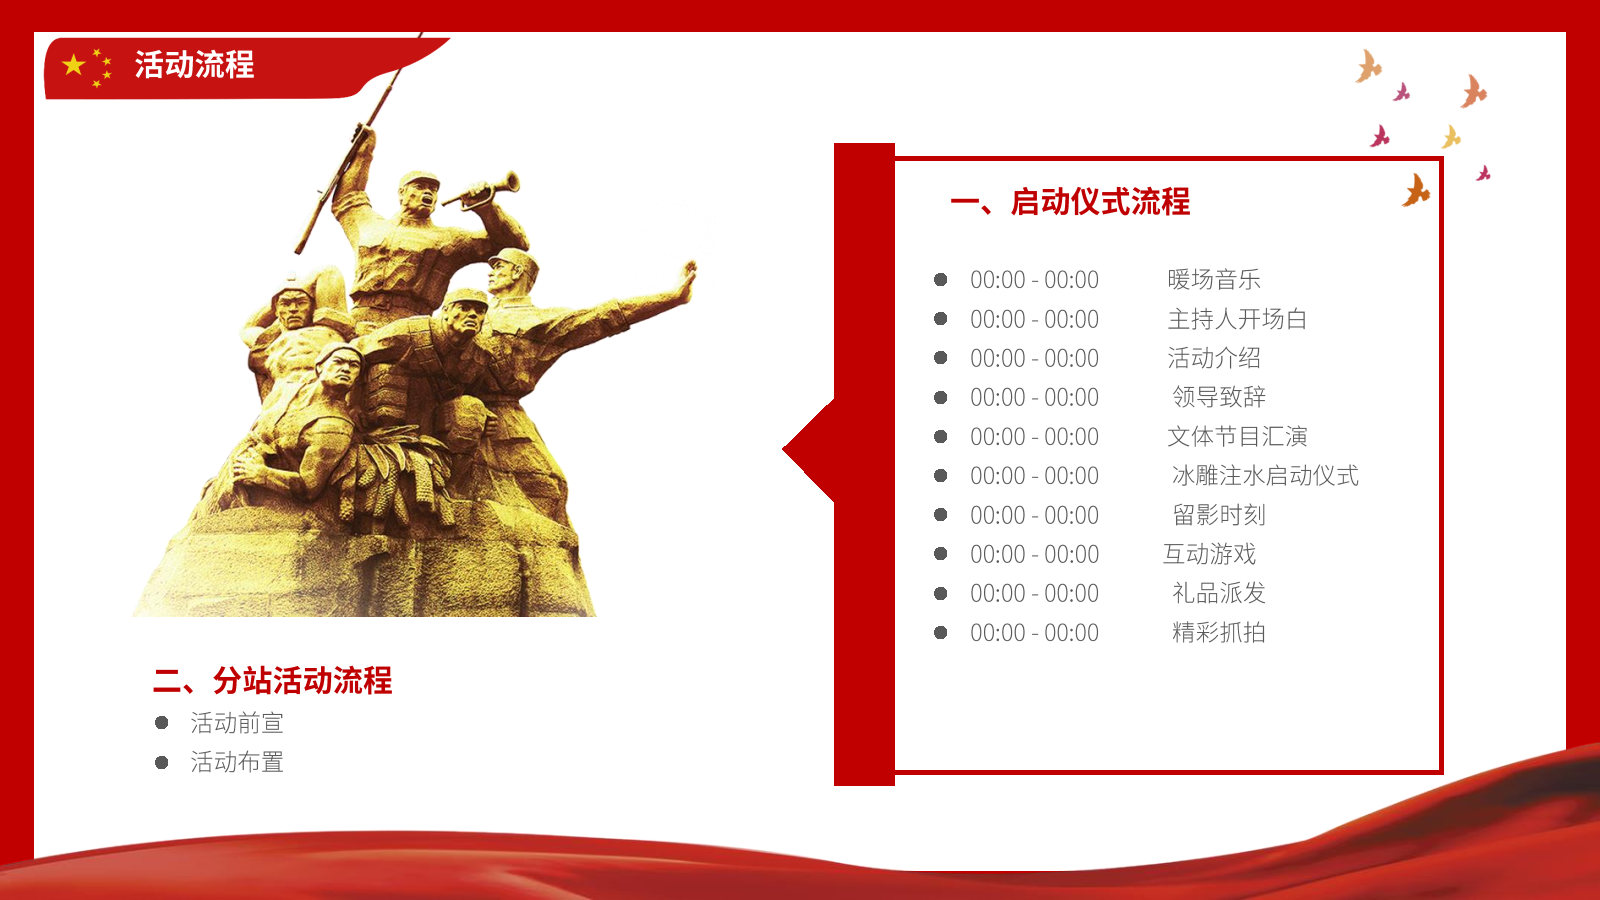 2021年广东公益体彩进社区(珠海站)活动策划方案@众暖策划_Page6.jpg